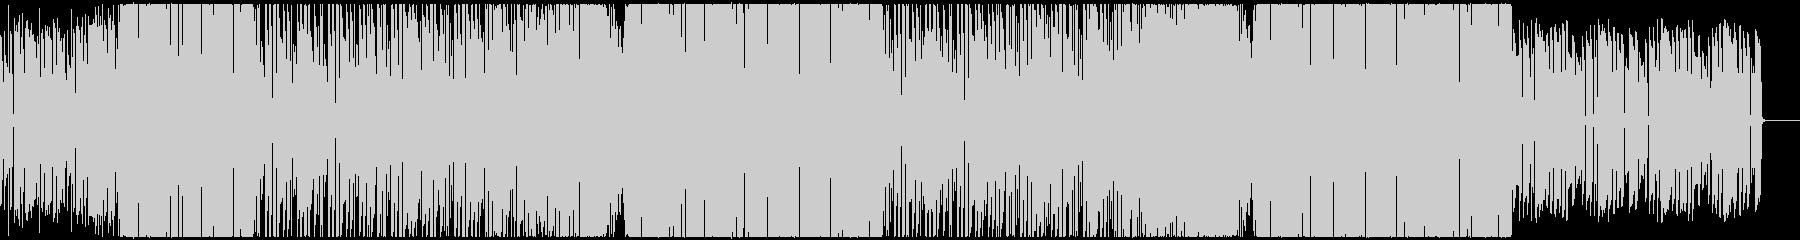 可愛いサウンドのEDMの未再生の波形